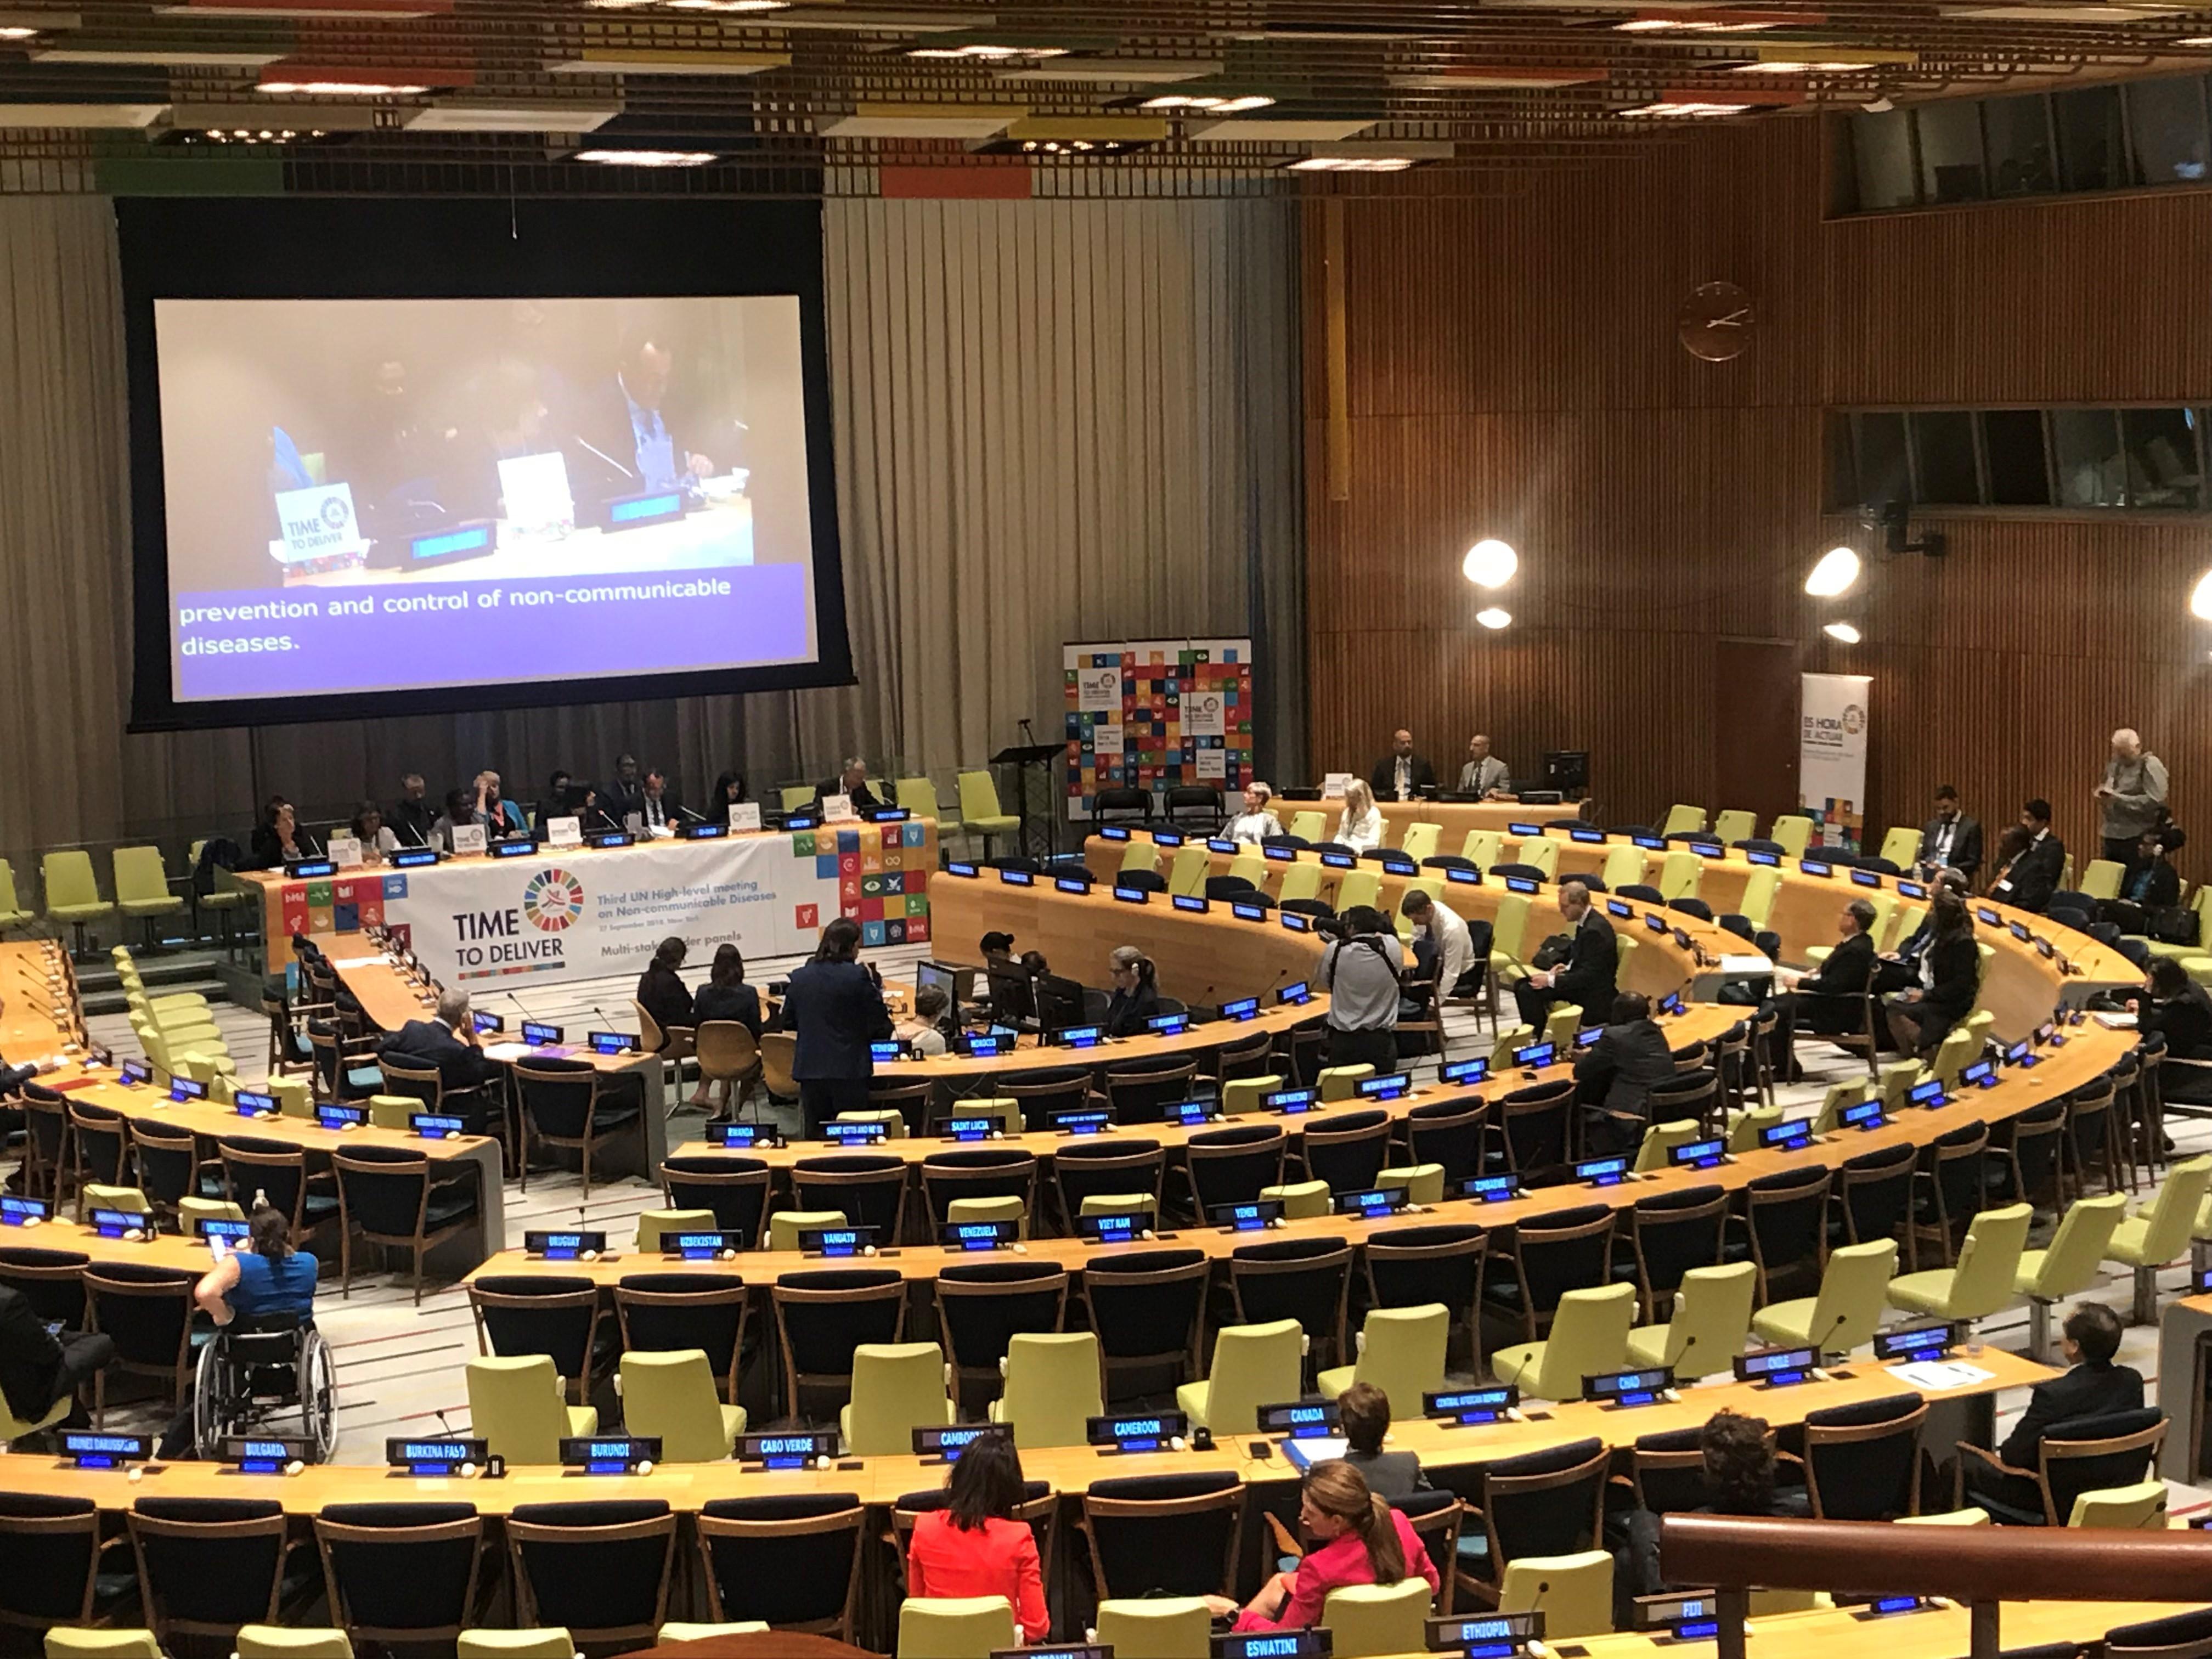 非感染性疾患(NCDs)における第3回国連ハイレベル会合にて政治宣言が採択される